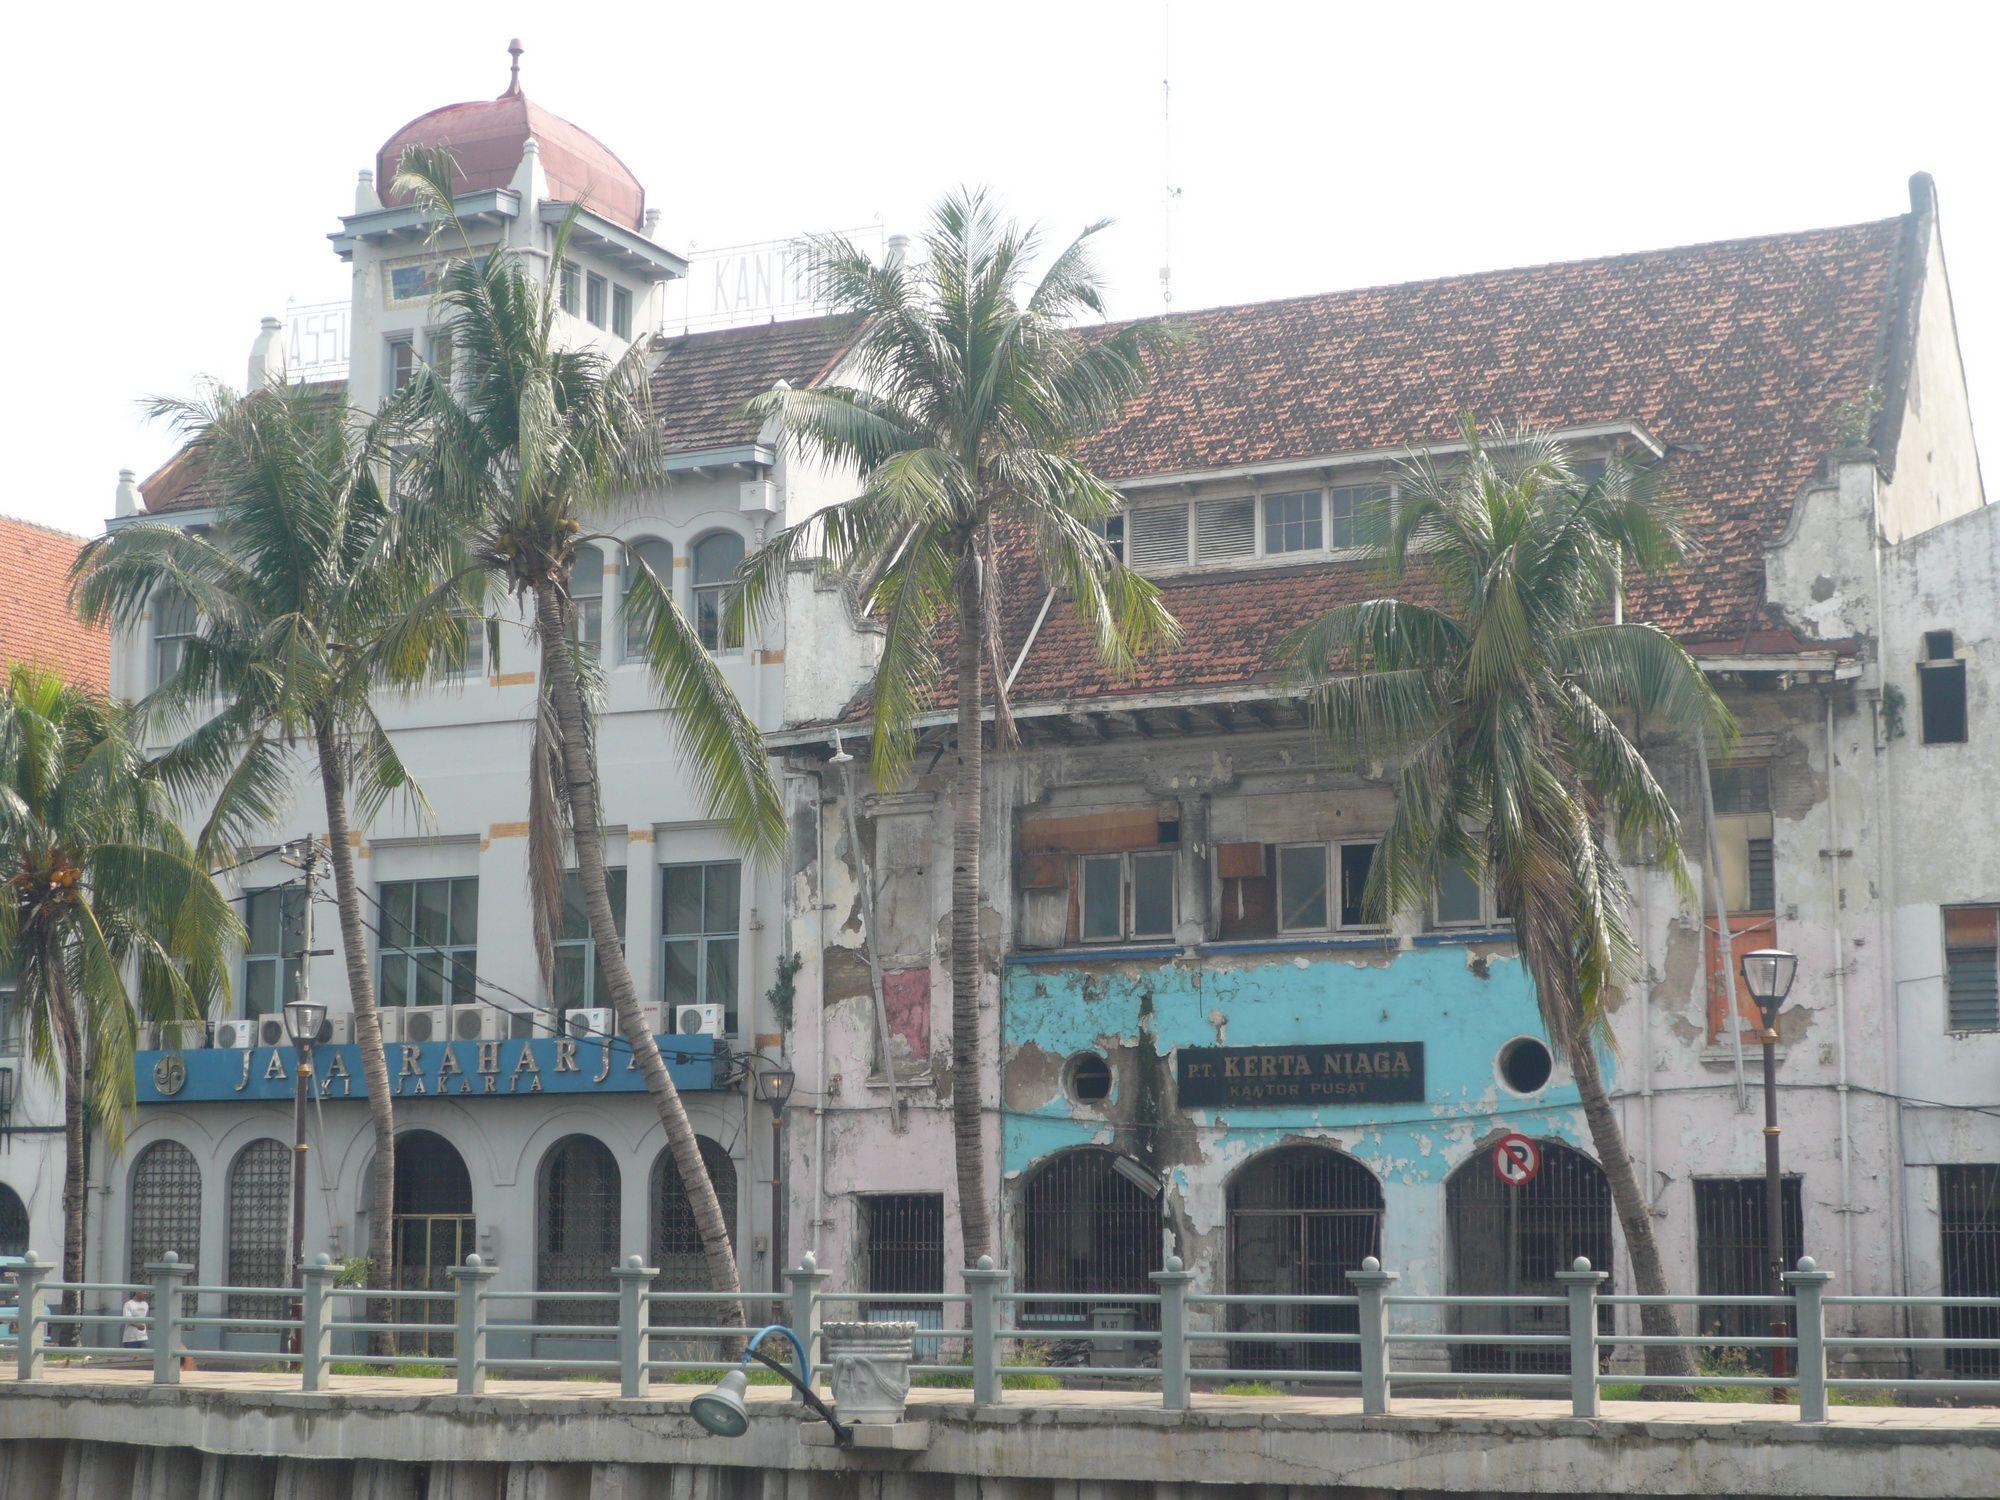 Gedung jasa raharjapt kerta niaga gedung